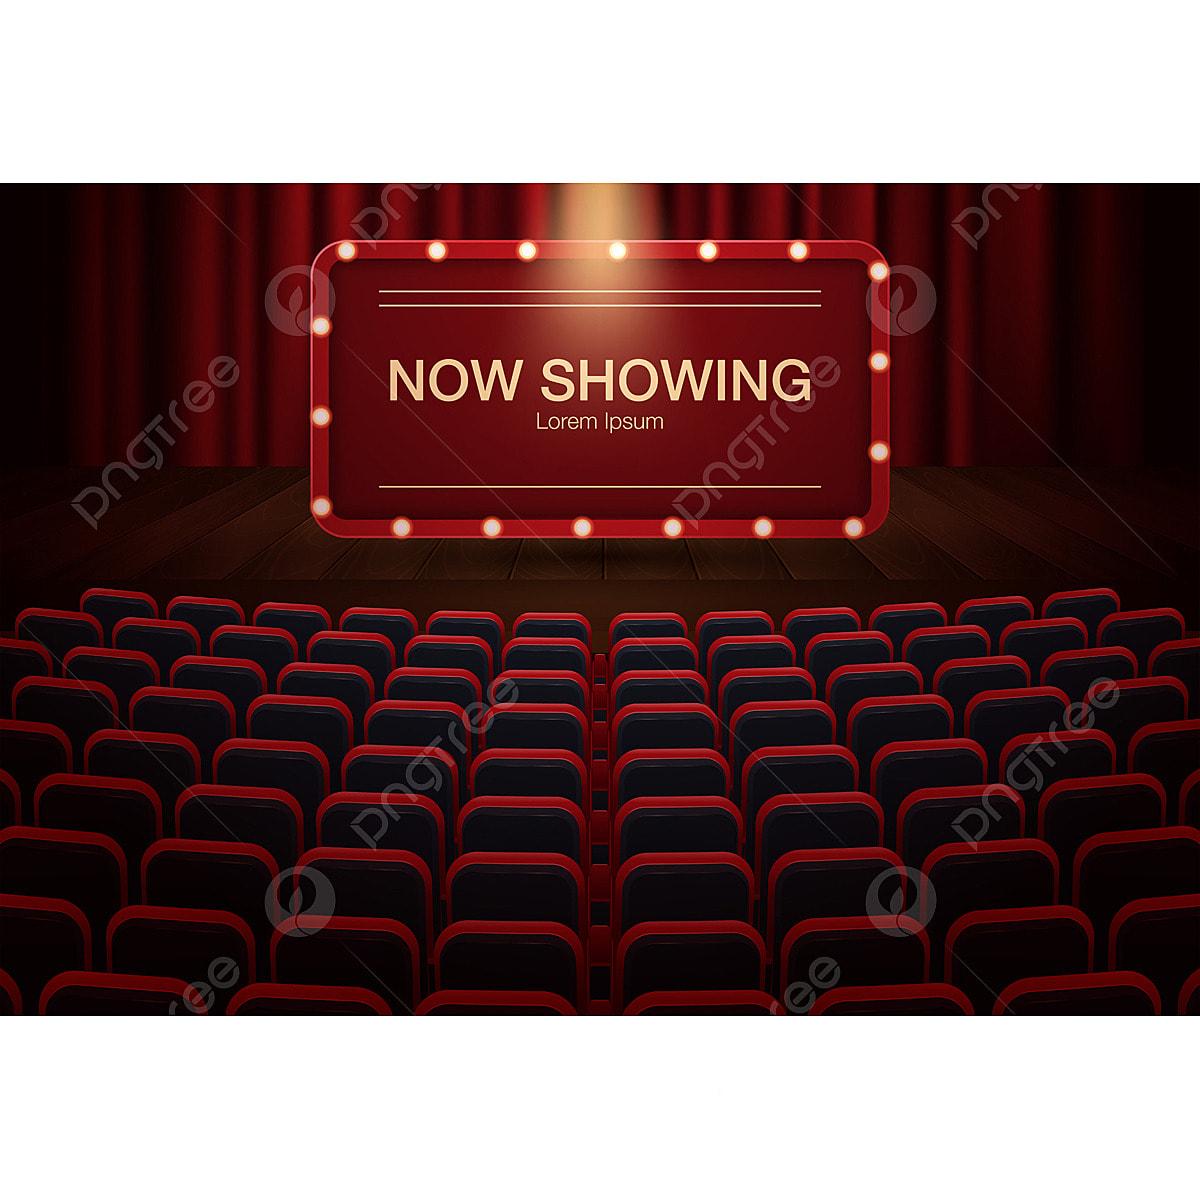 50+] Movie Theater Wallpaper Border on WallpaperSafari